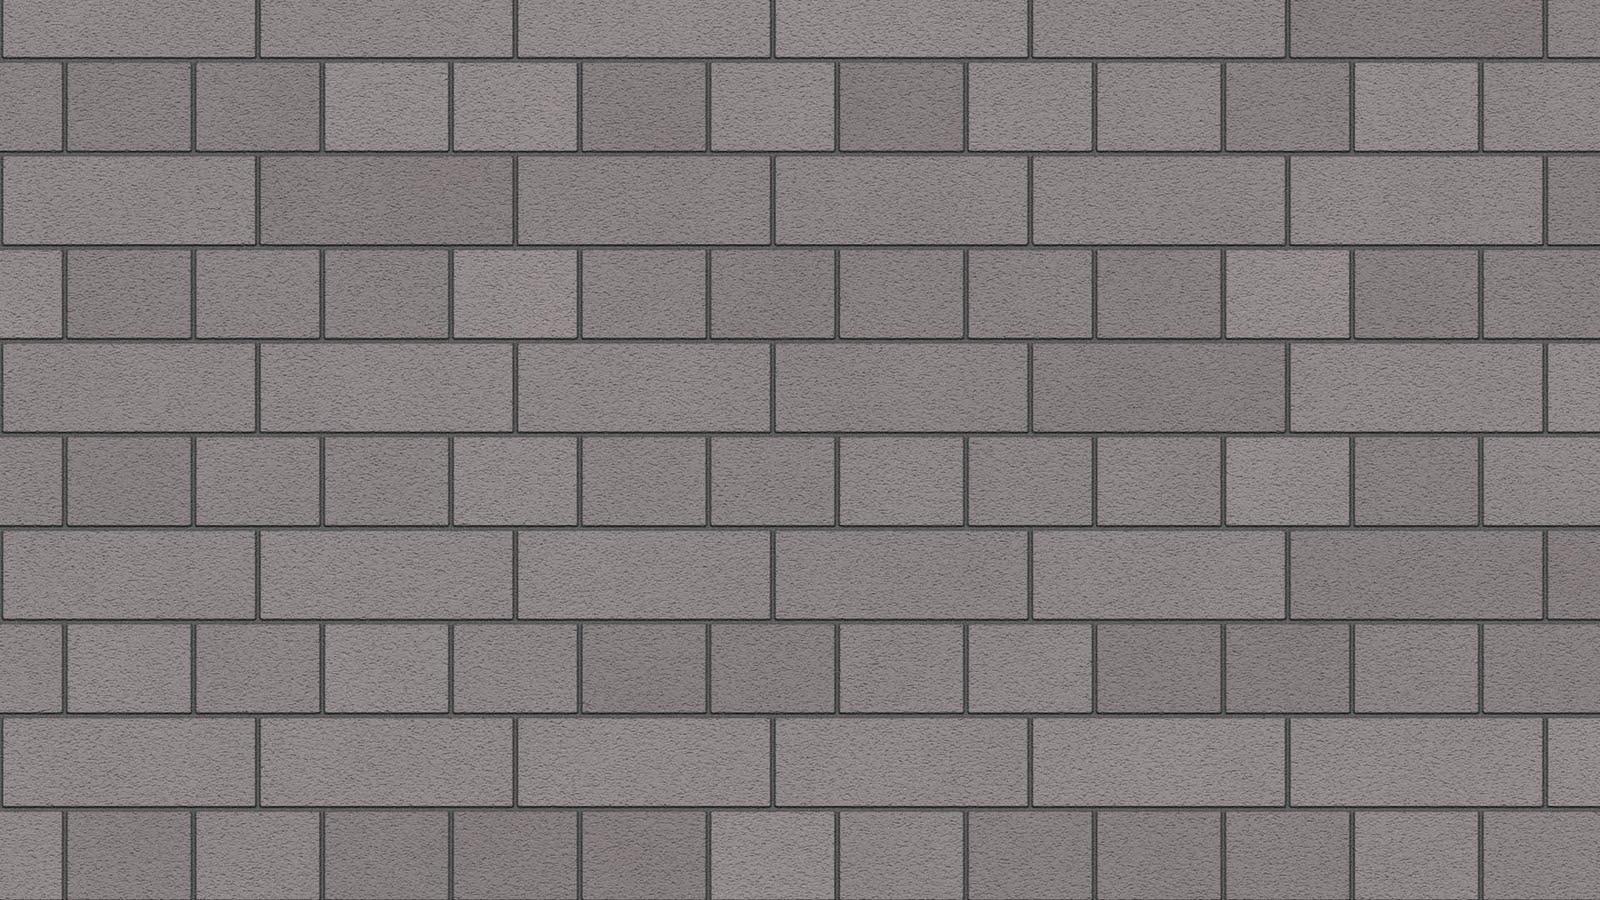 Stenen muur achtergronden hd wallpapers for Grijze muur